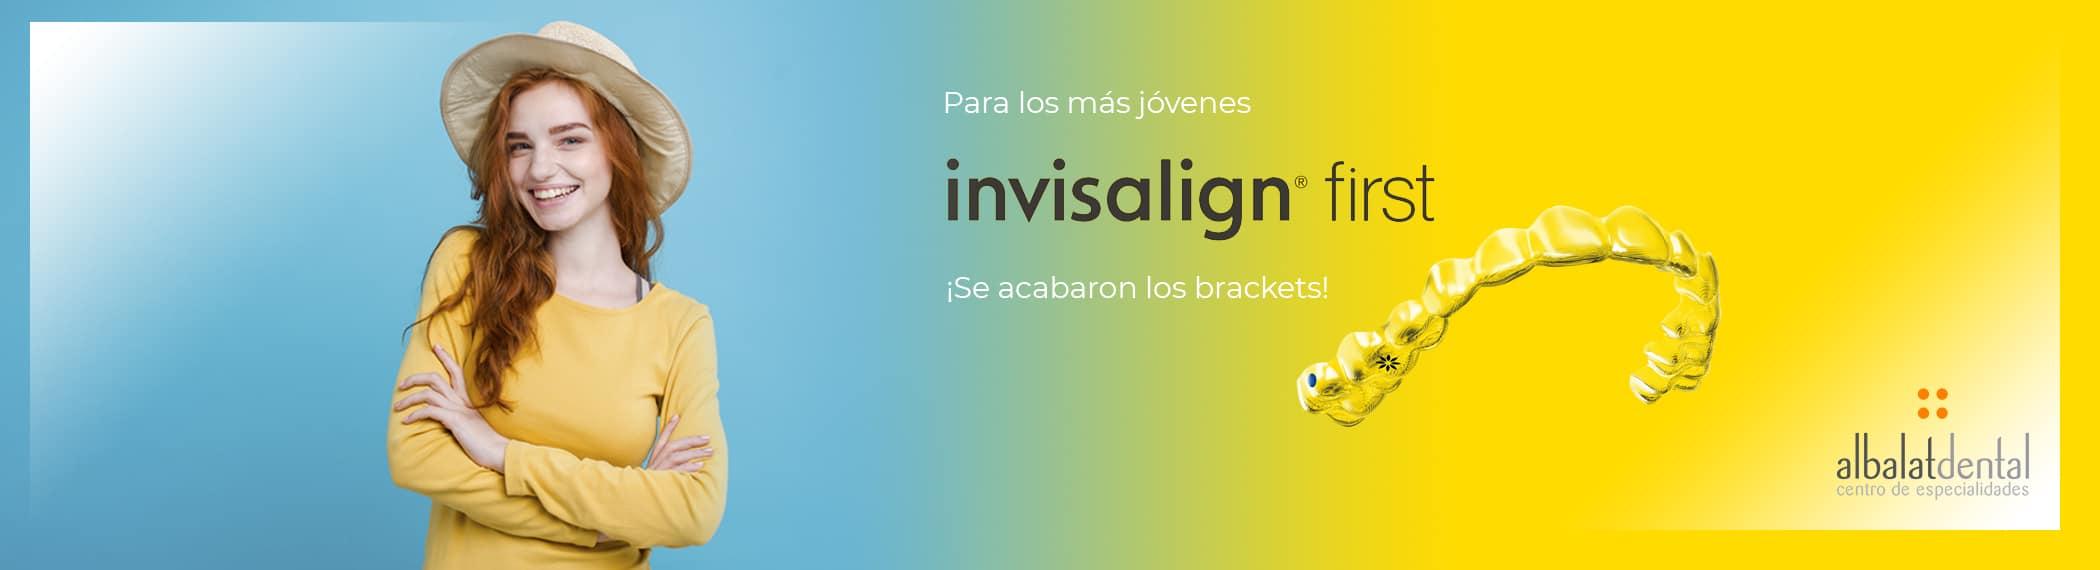 slider-home-ortodoncia-invisible_06